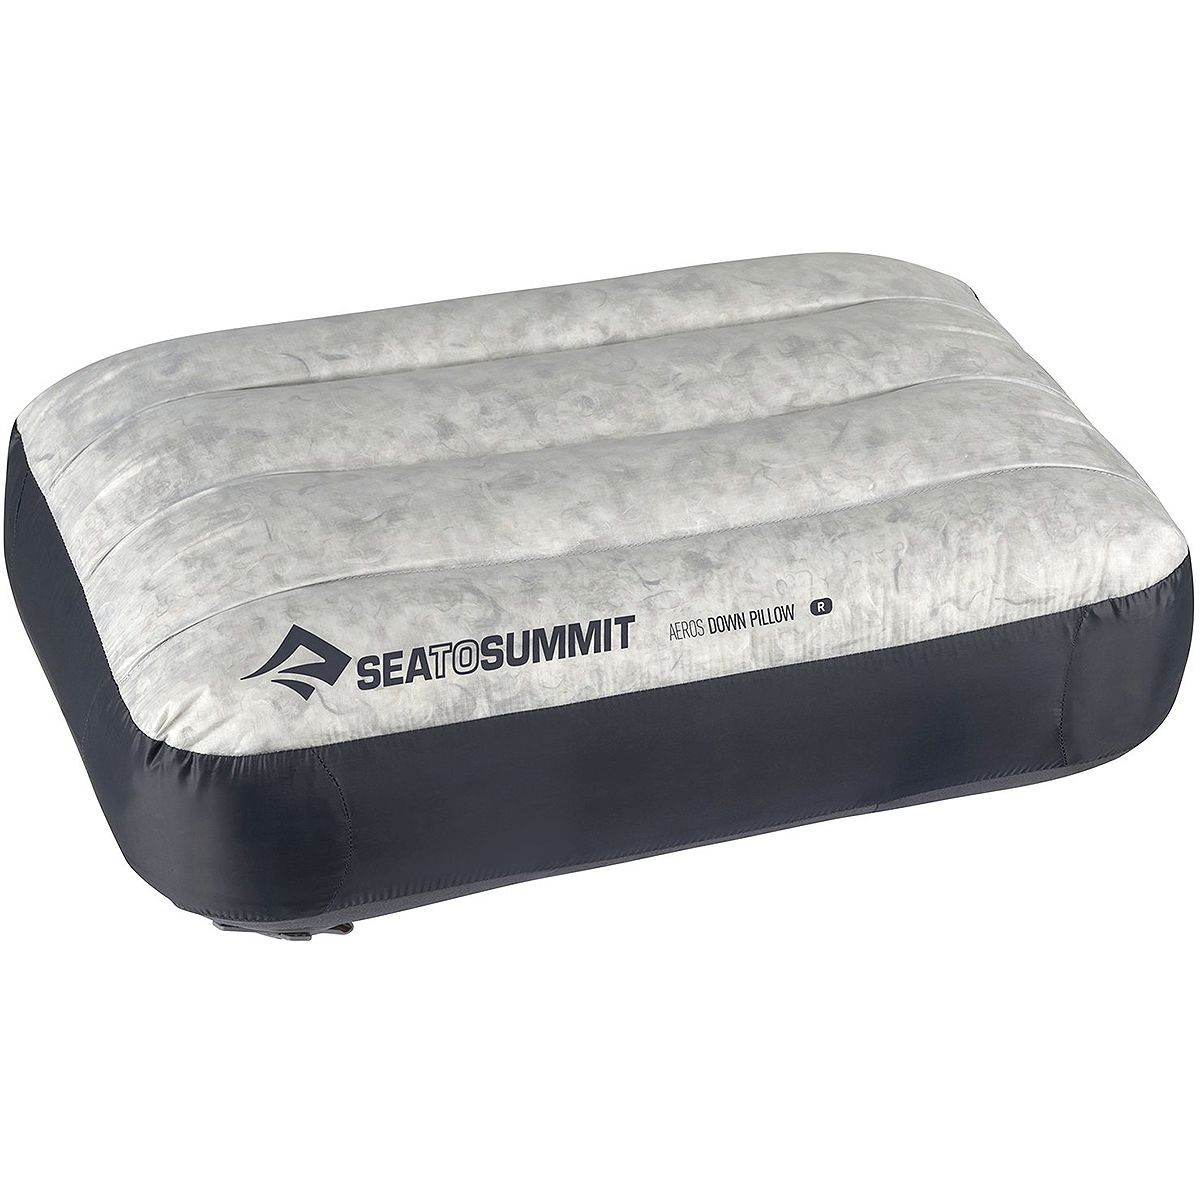 photo: Sea to Summit Aeros Down Pillow pillow